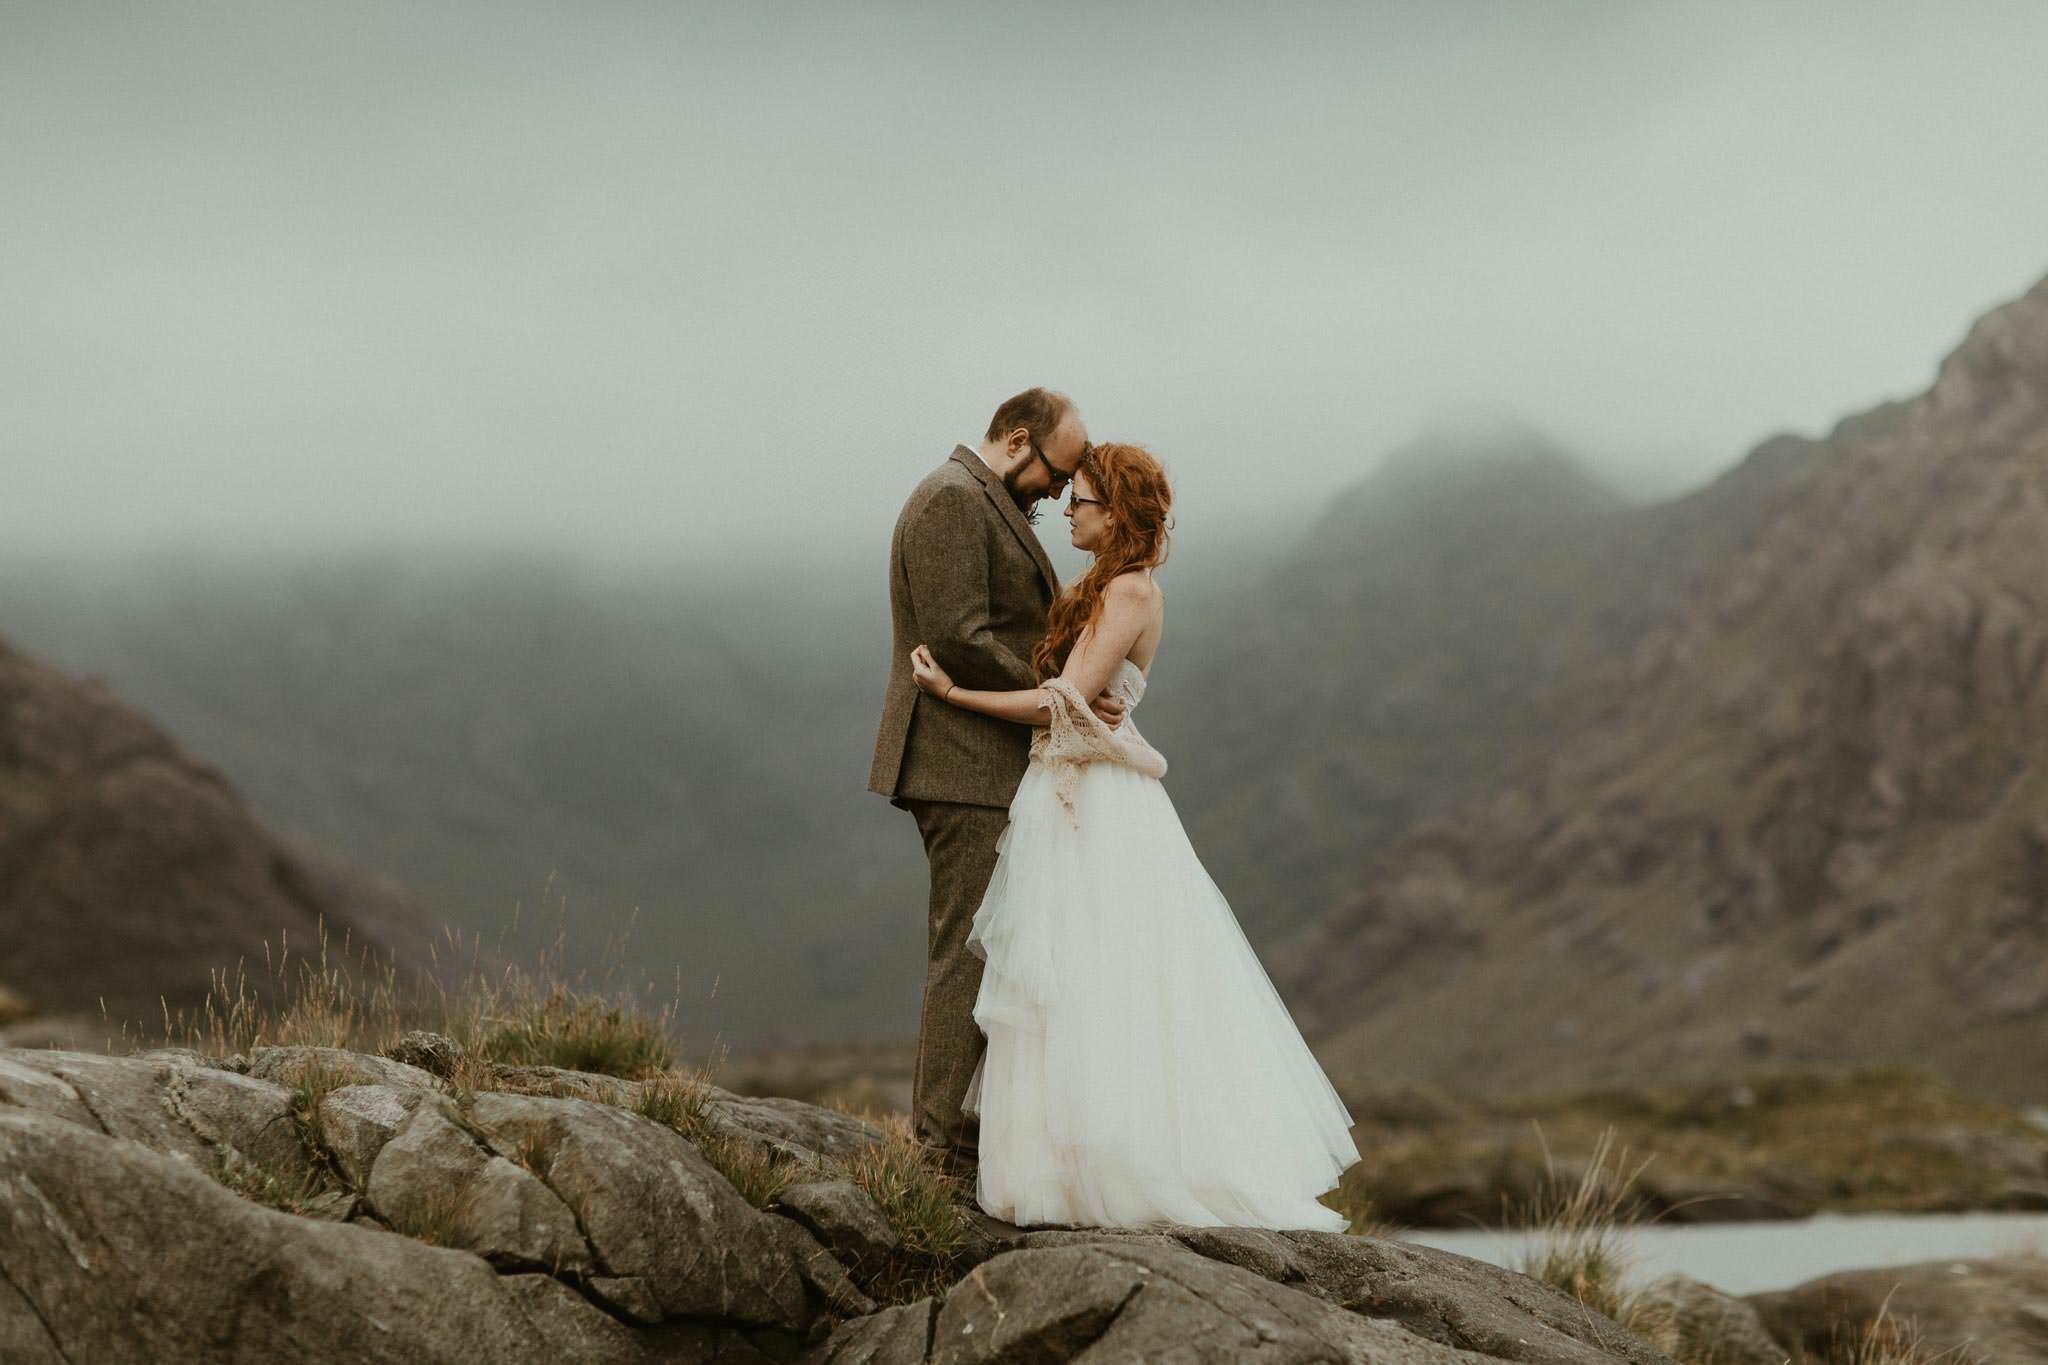 isle-of-skye-elopement-wedding-067